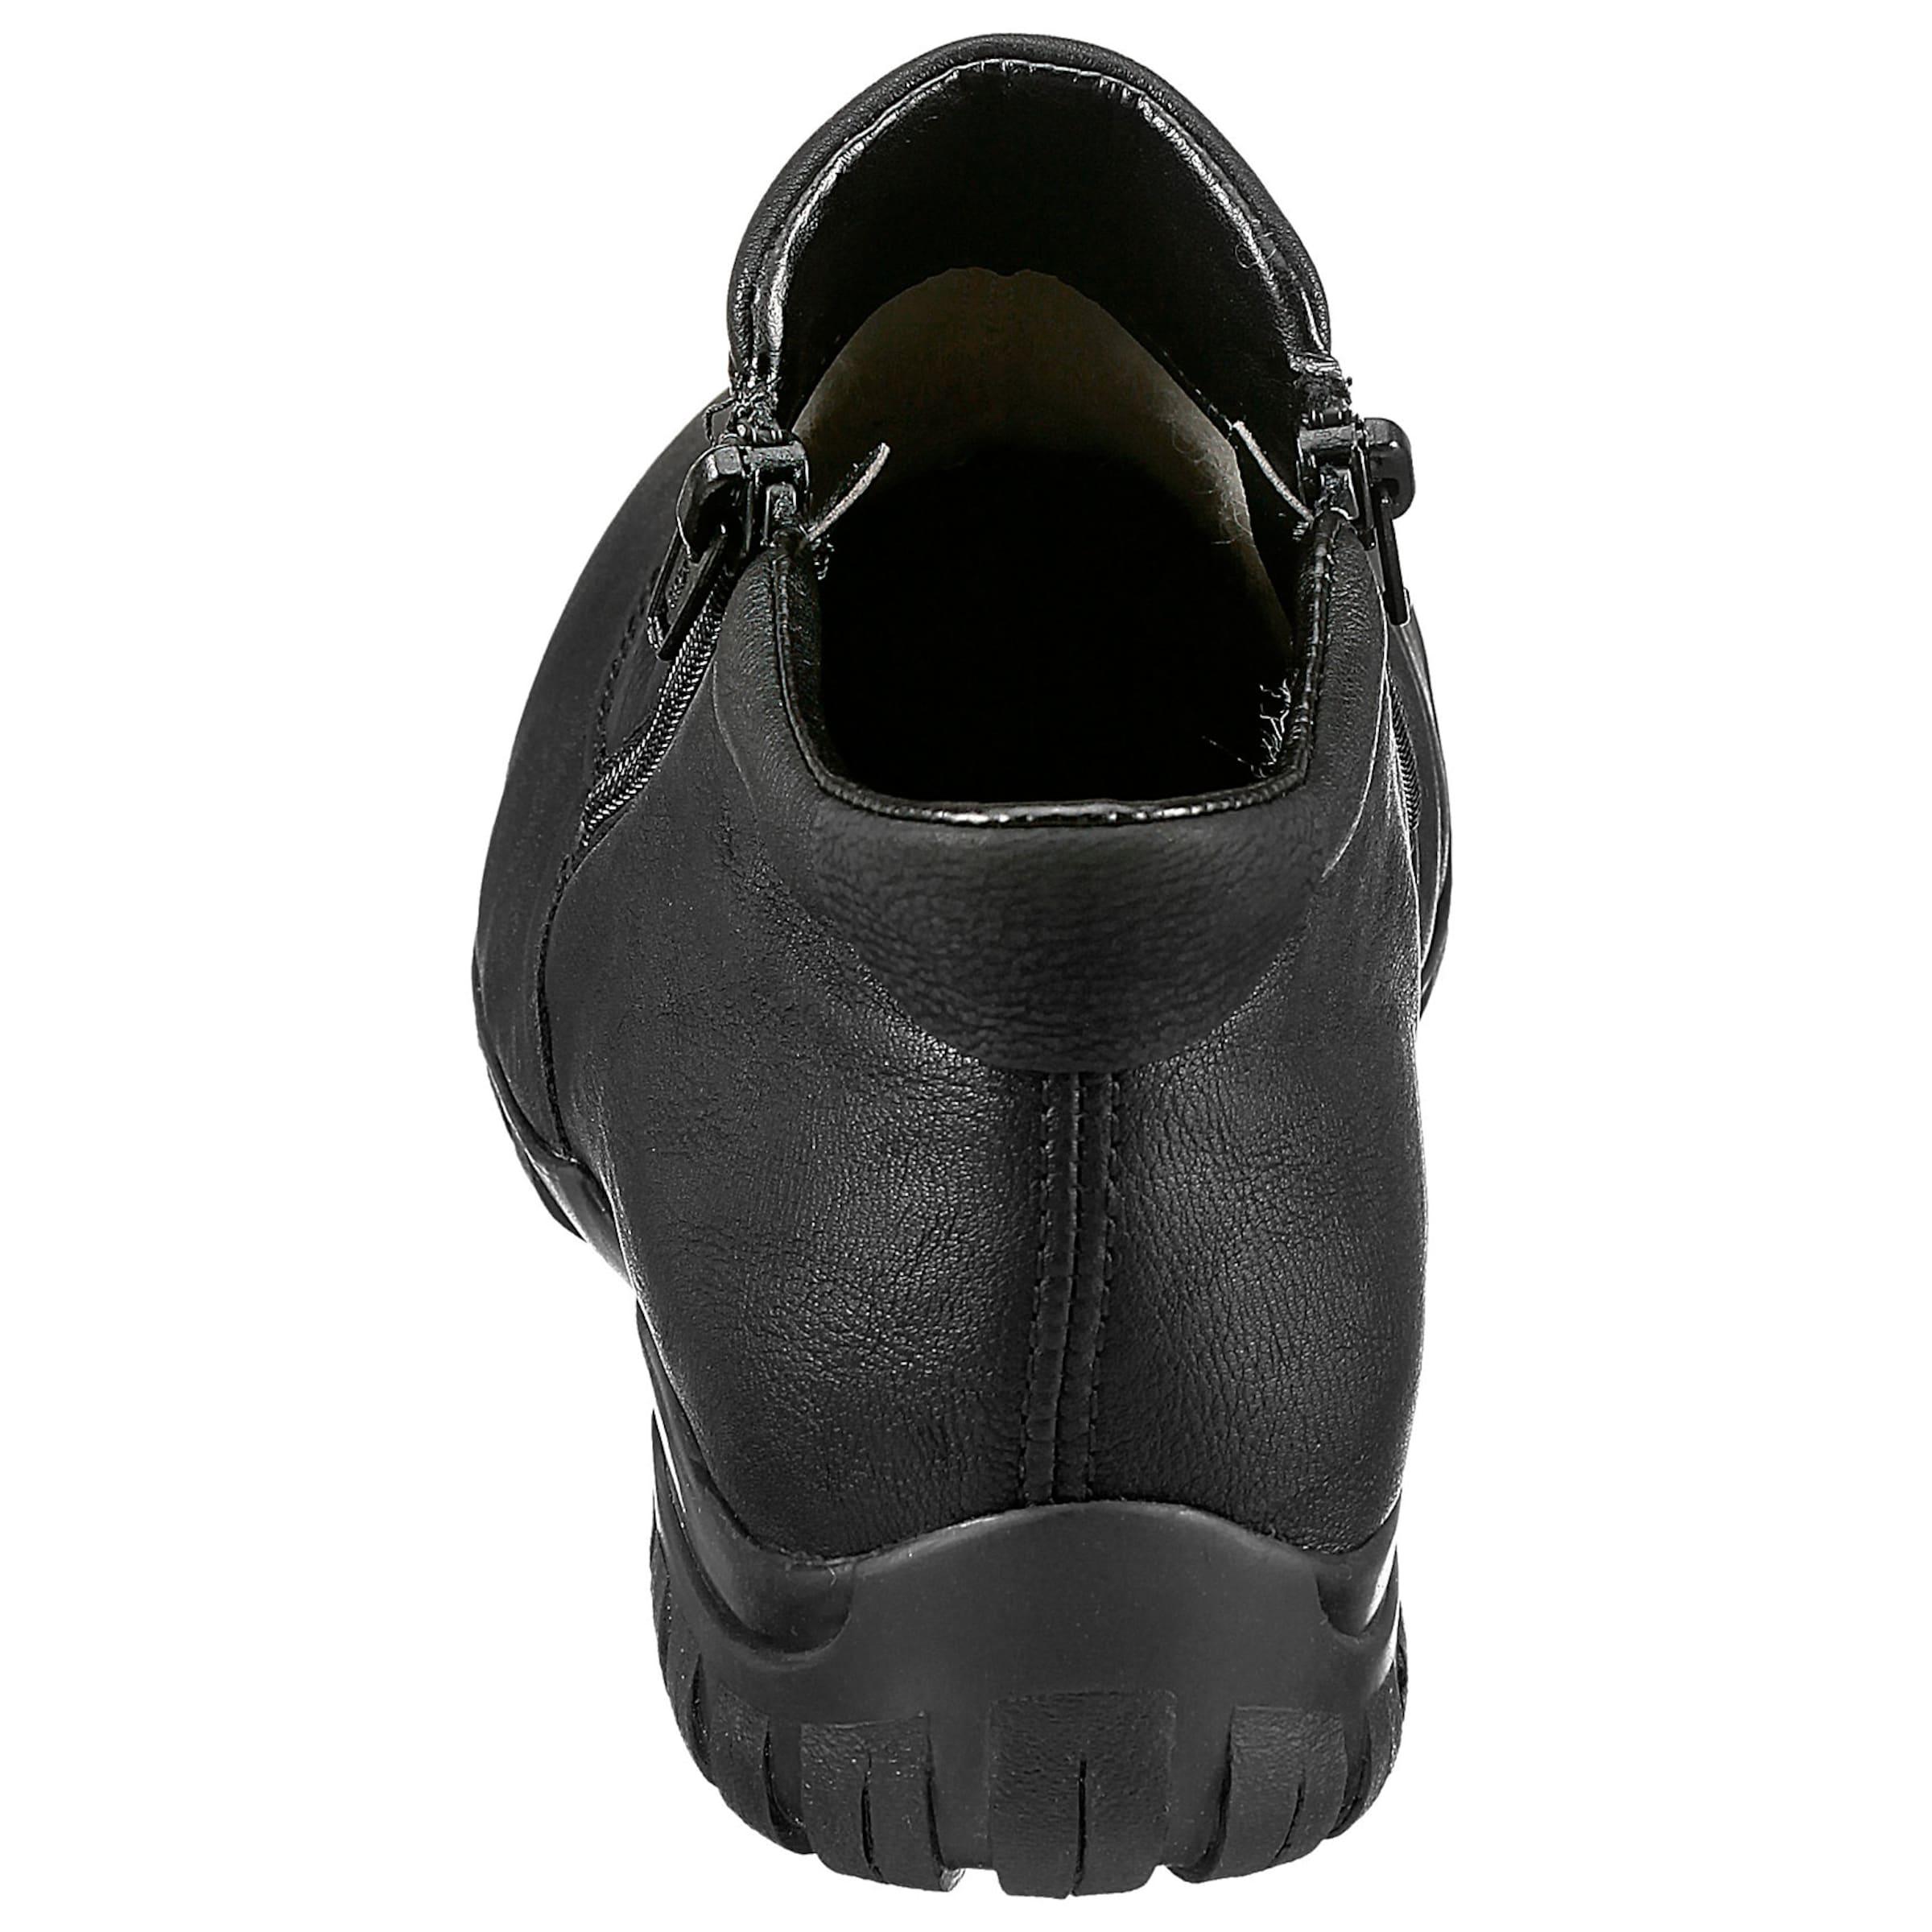 Verkauf Wahl Günstig Kaufen Shop RIEKER Stiefeletten weit Bekommen Günstigen Preis Zu Kaufen Top Qualität 8qQLQJU